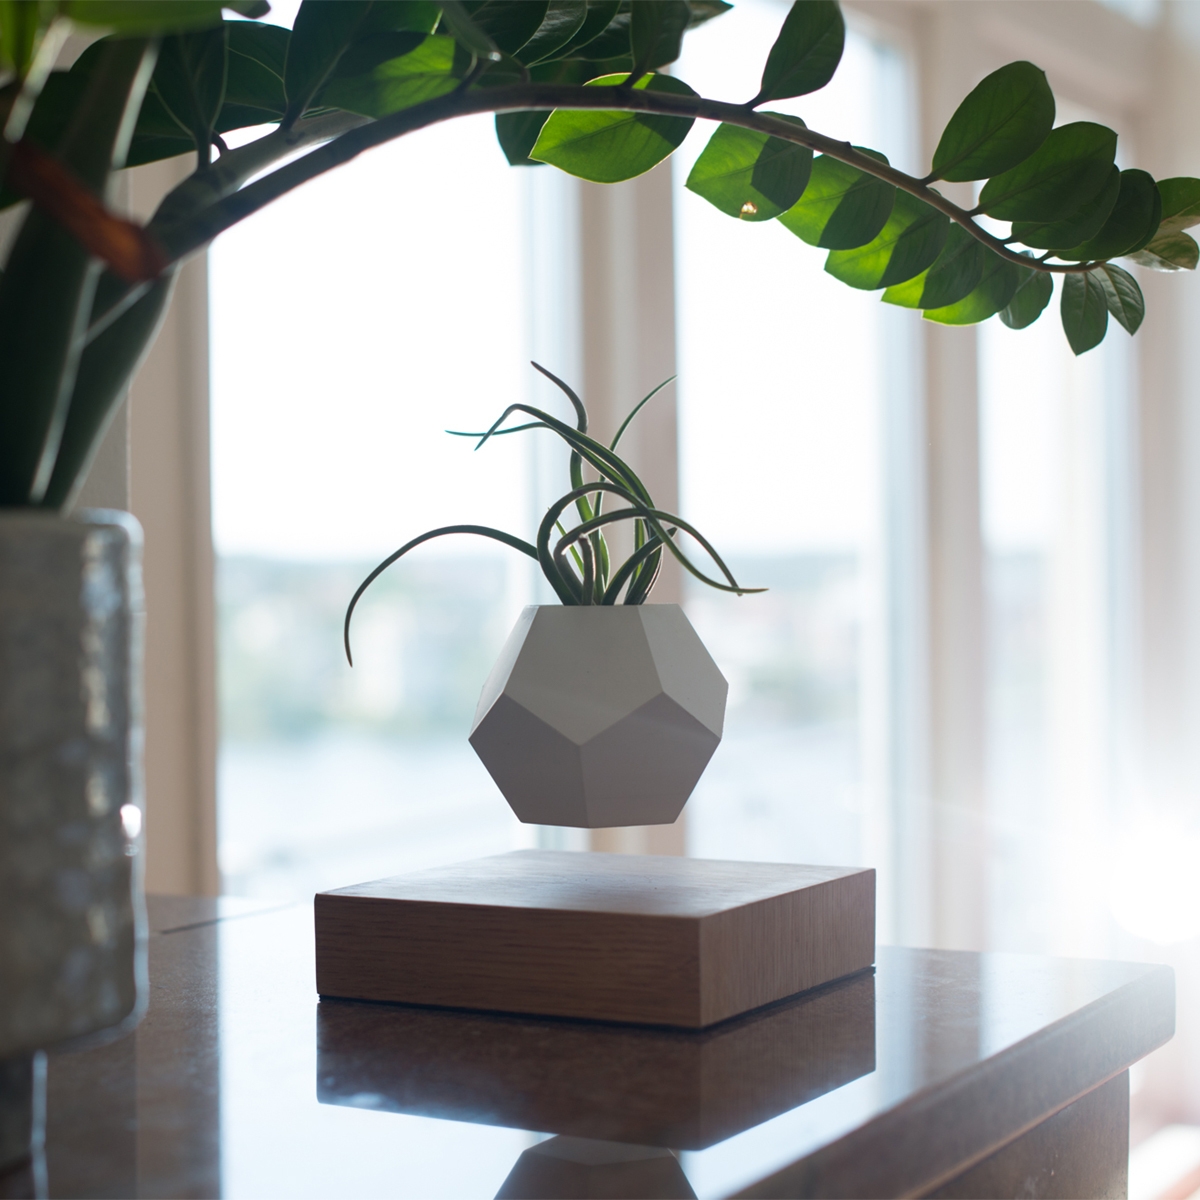 """物体が浮遊する""""ワクワク・ロマン"""" 磁力で宙に浮くLED電球 & 植物プランター"""